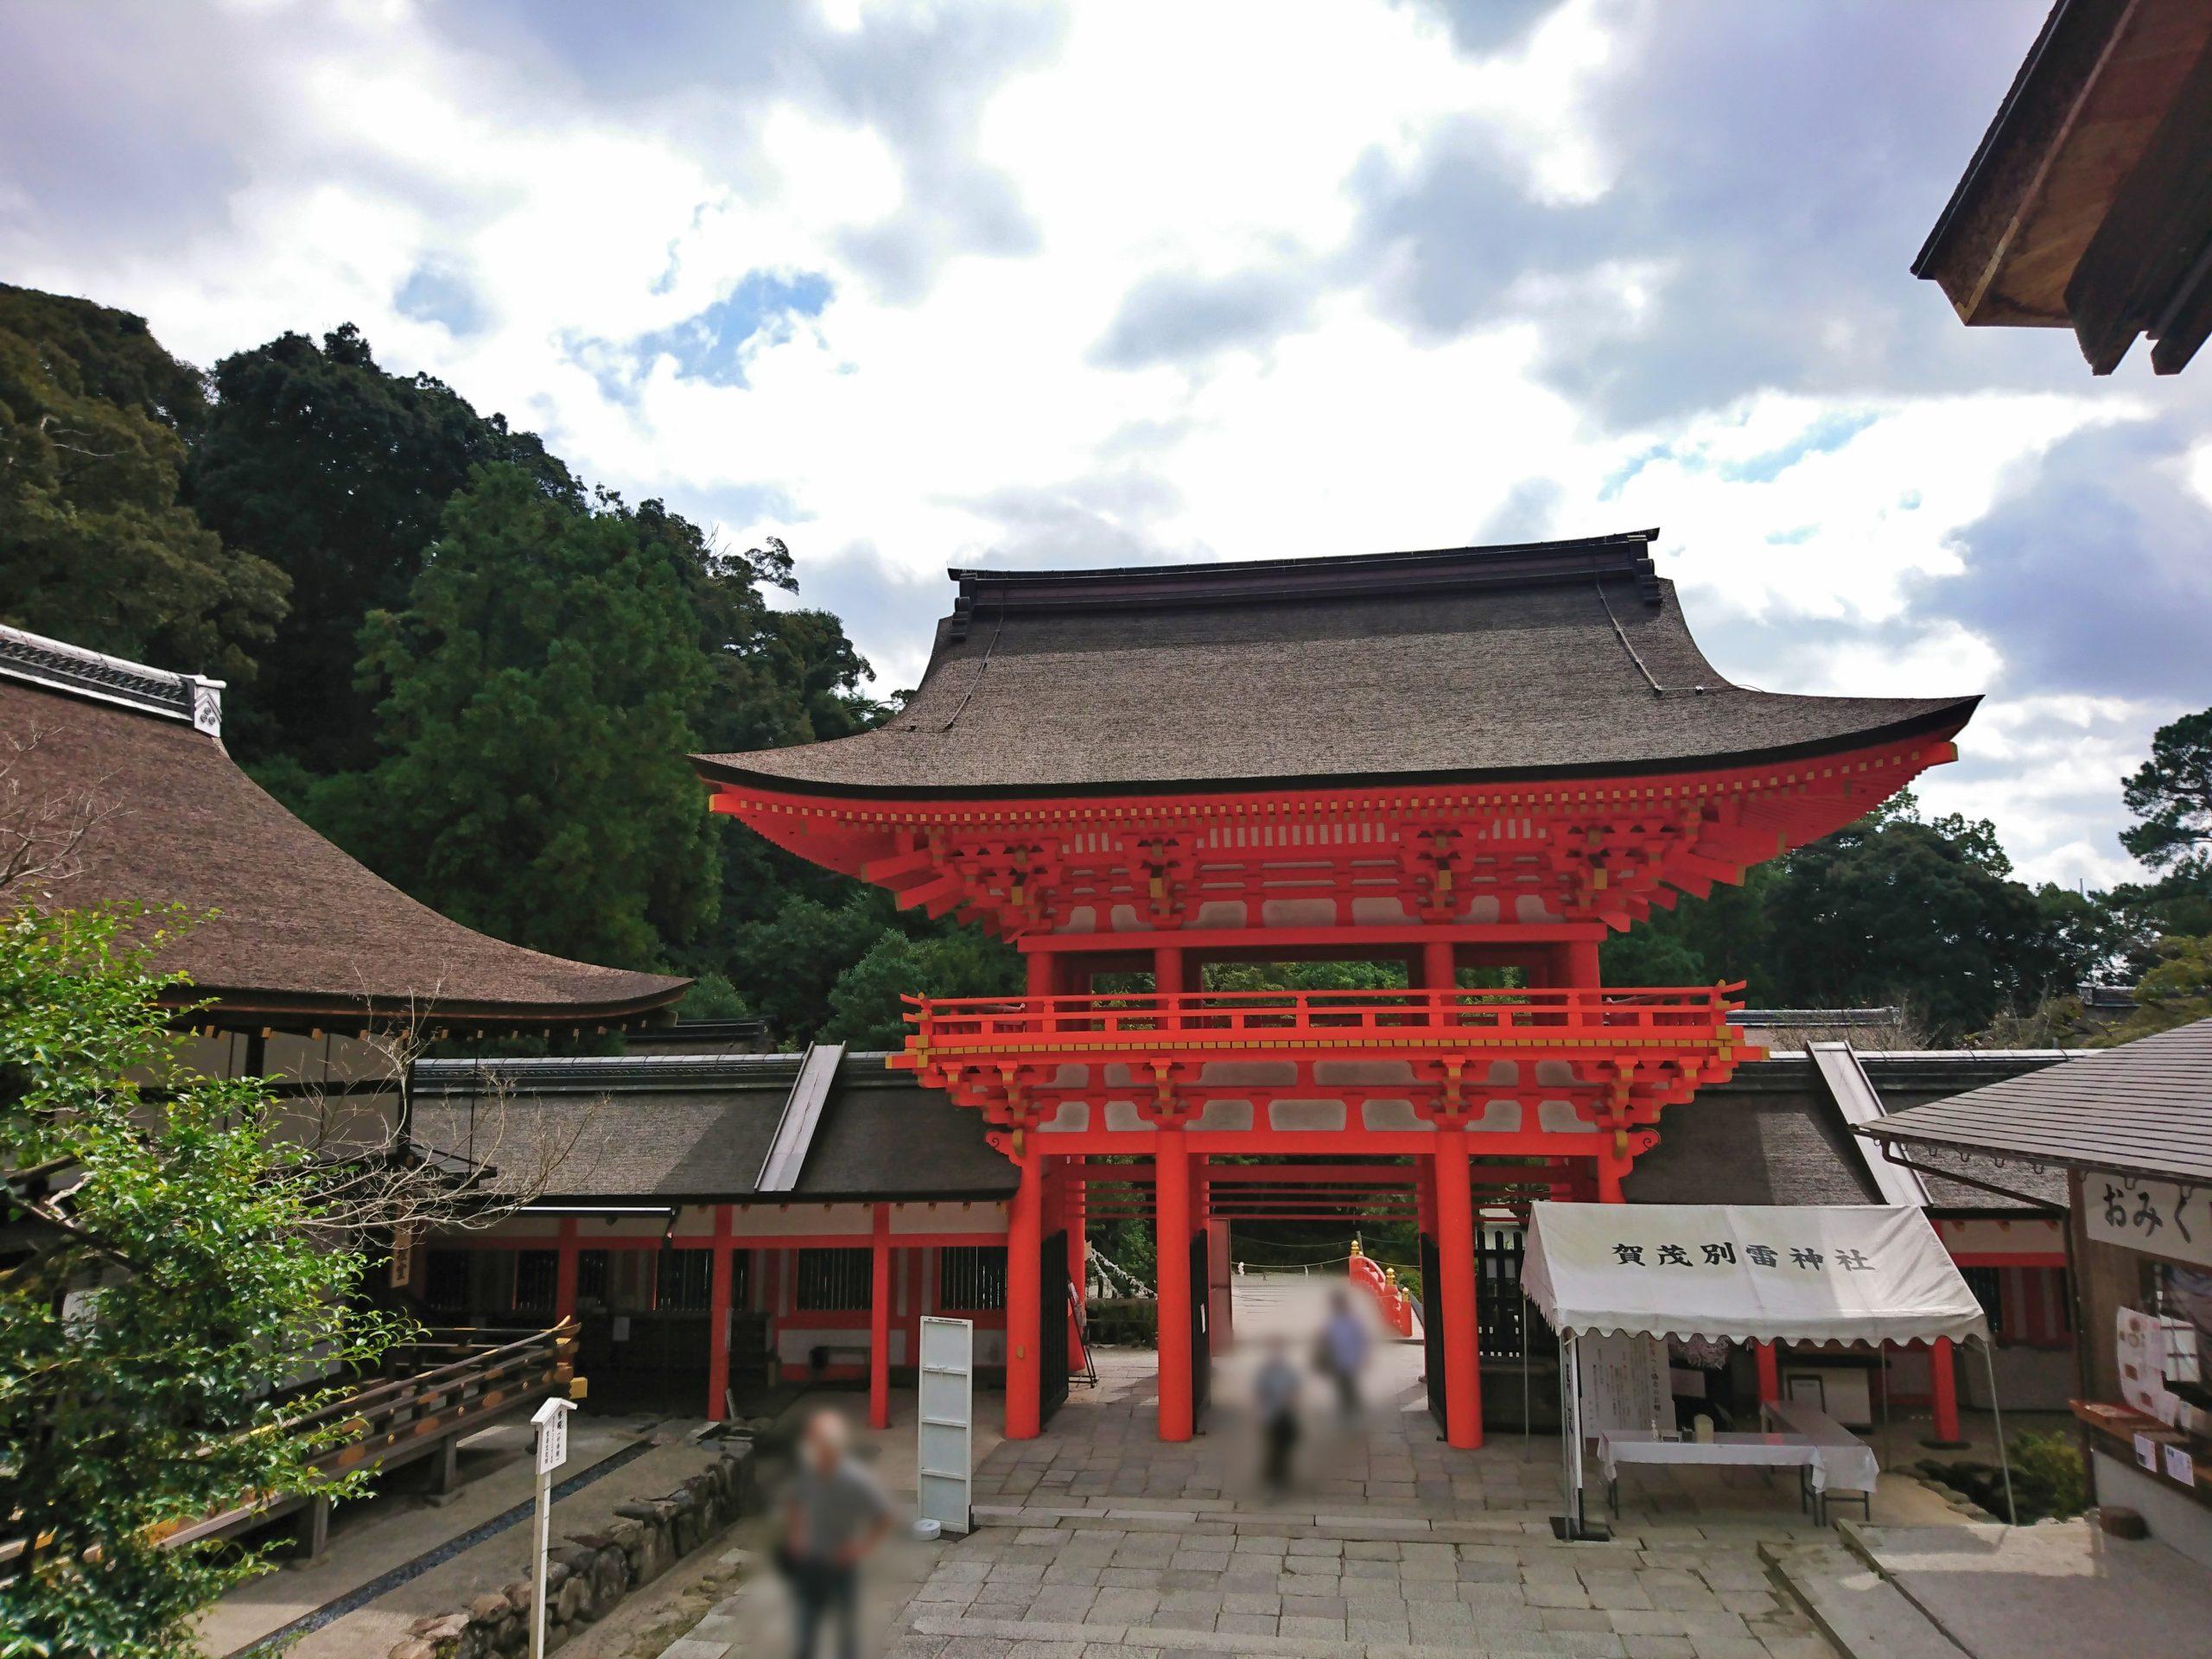 上賀茂神社の中門からみた桜門